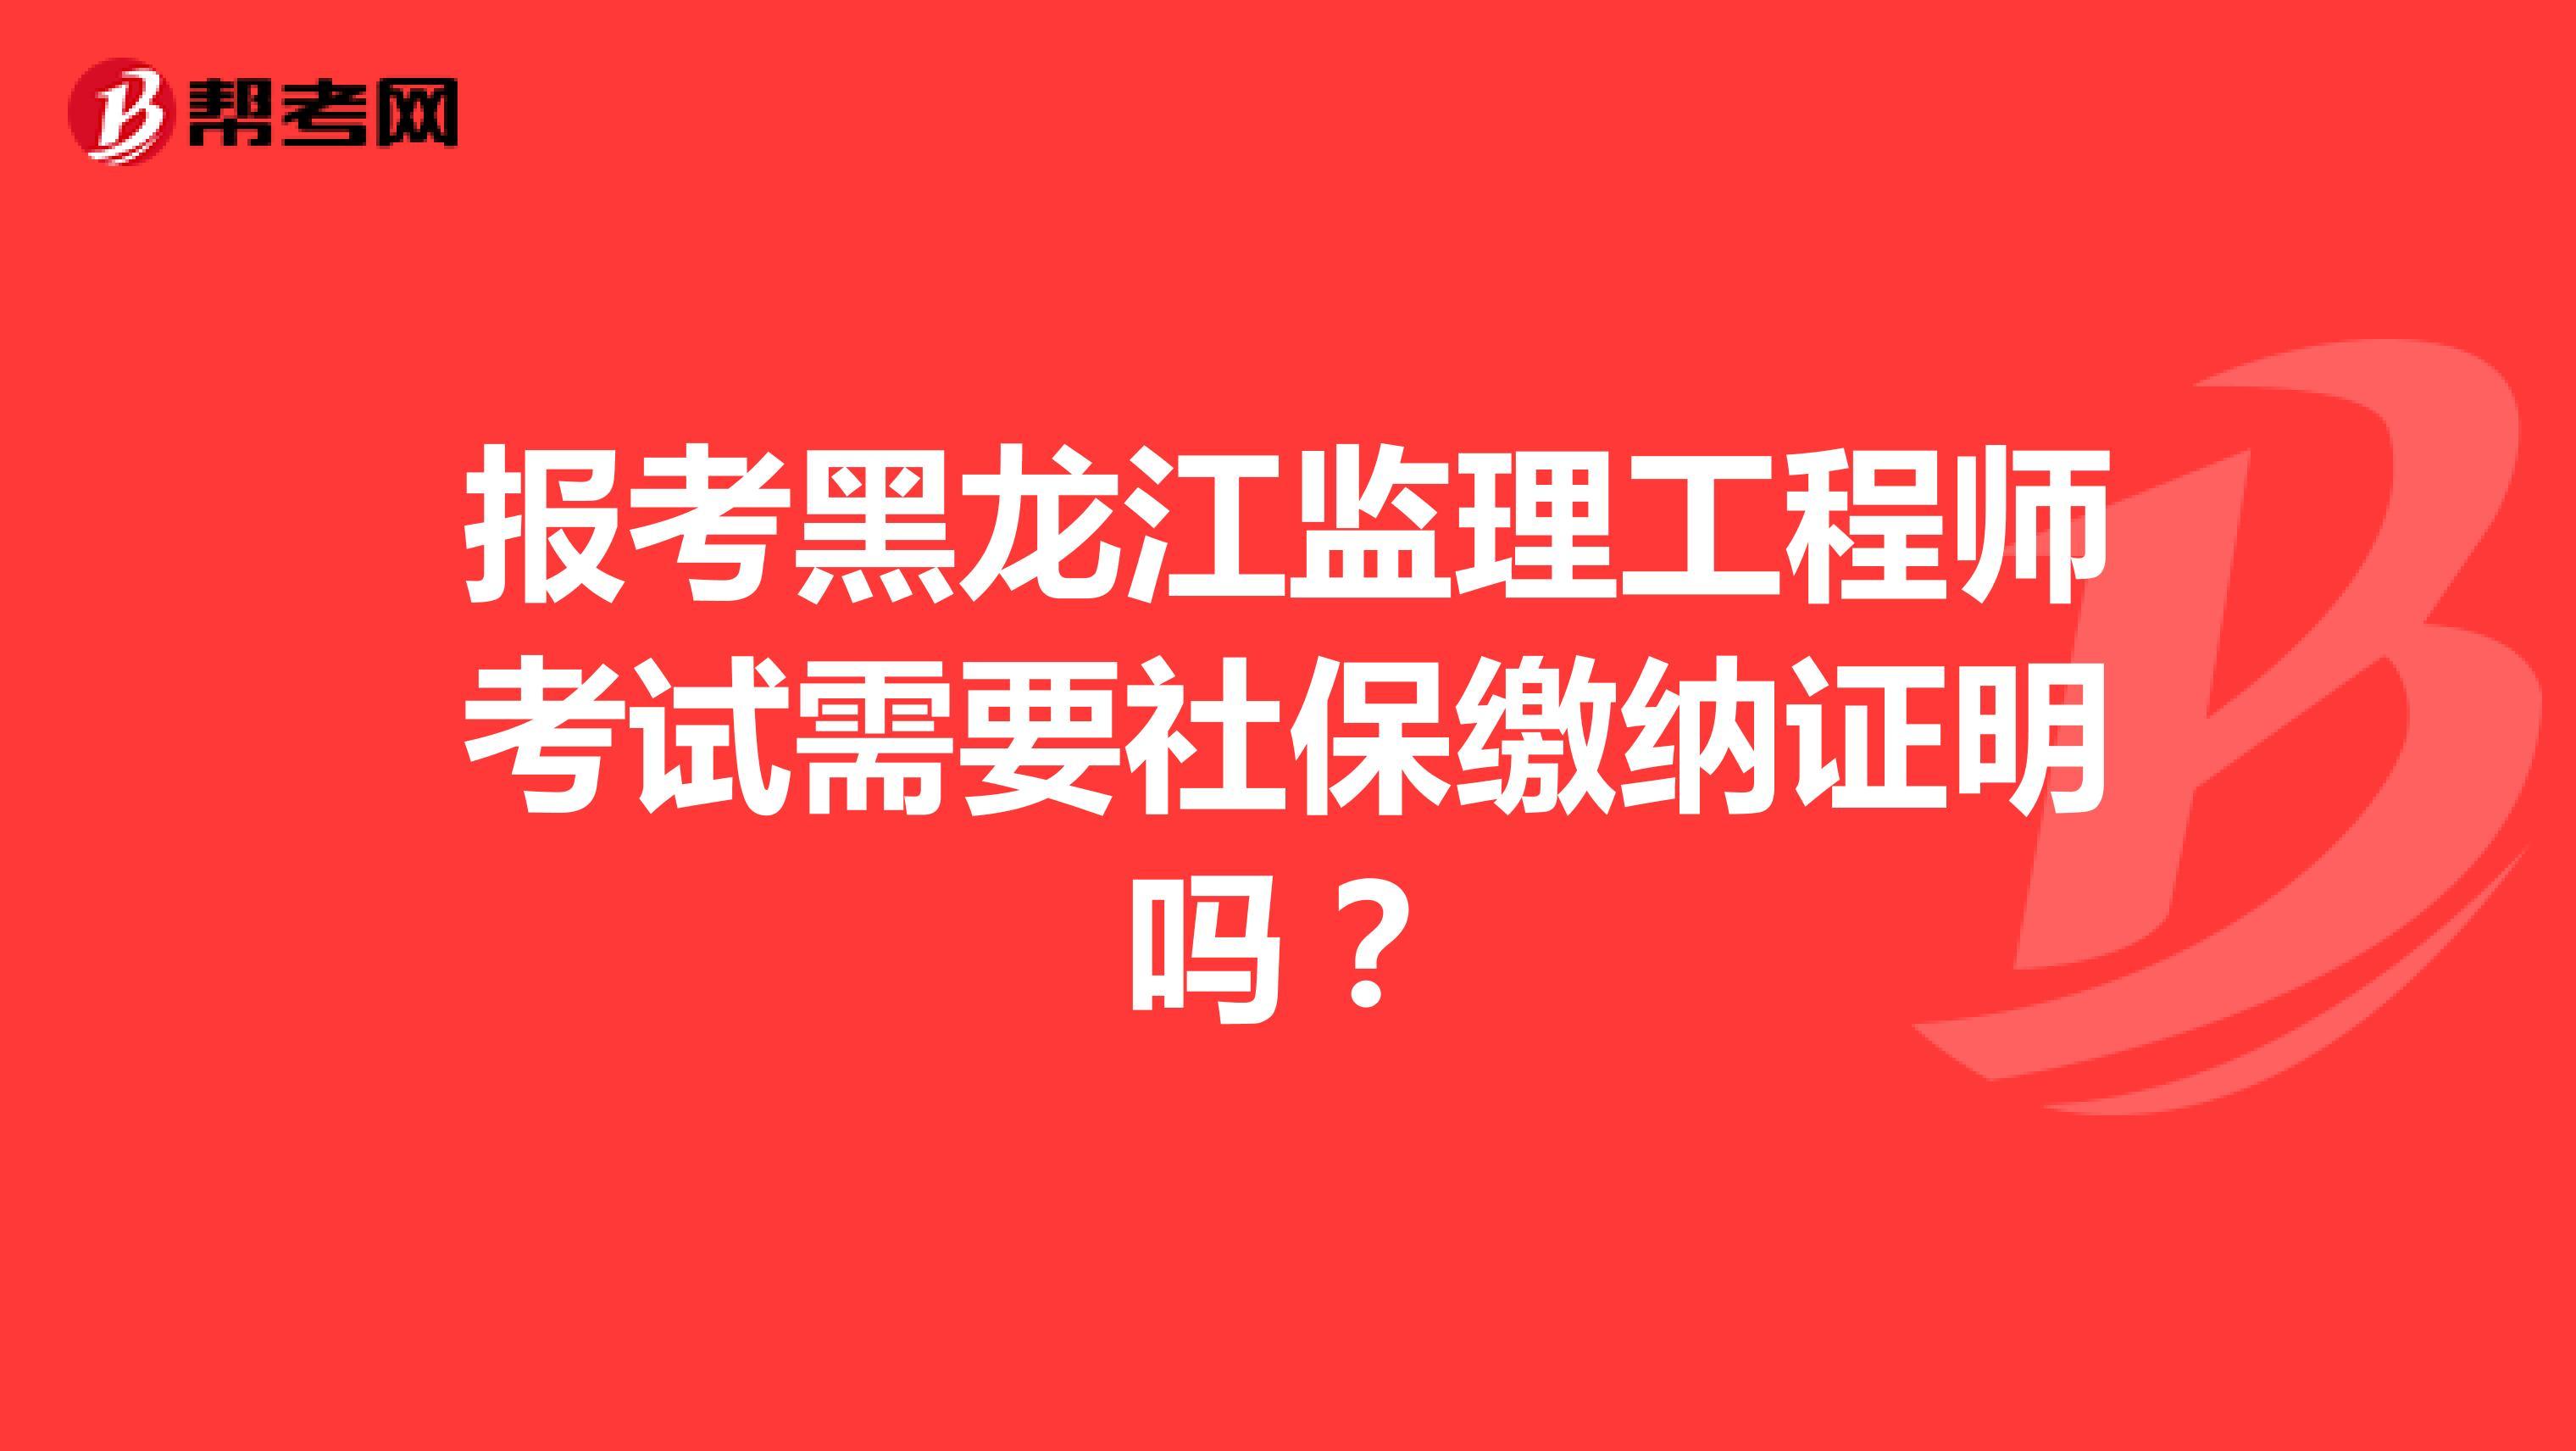 报考黑龙江监理工程师考试需要社保缴纳证明吗?